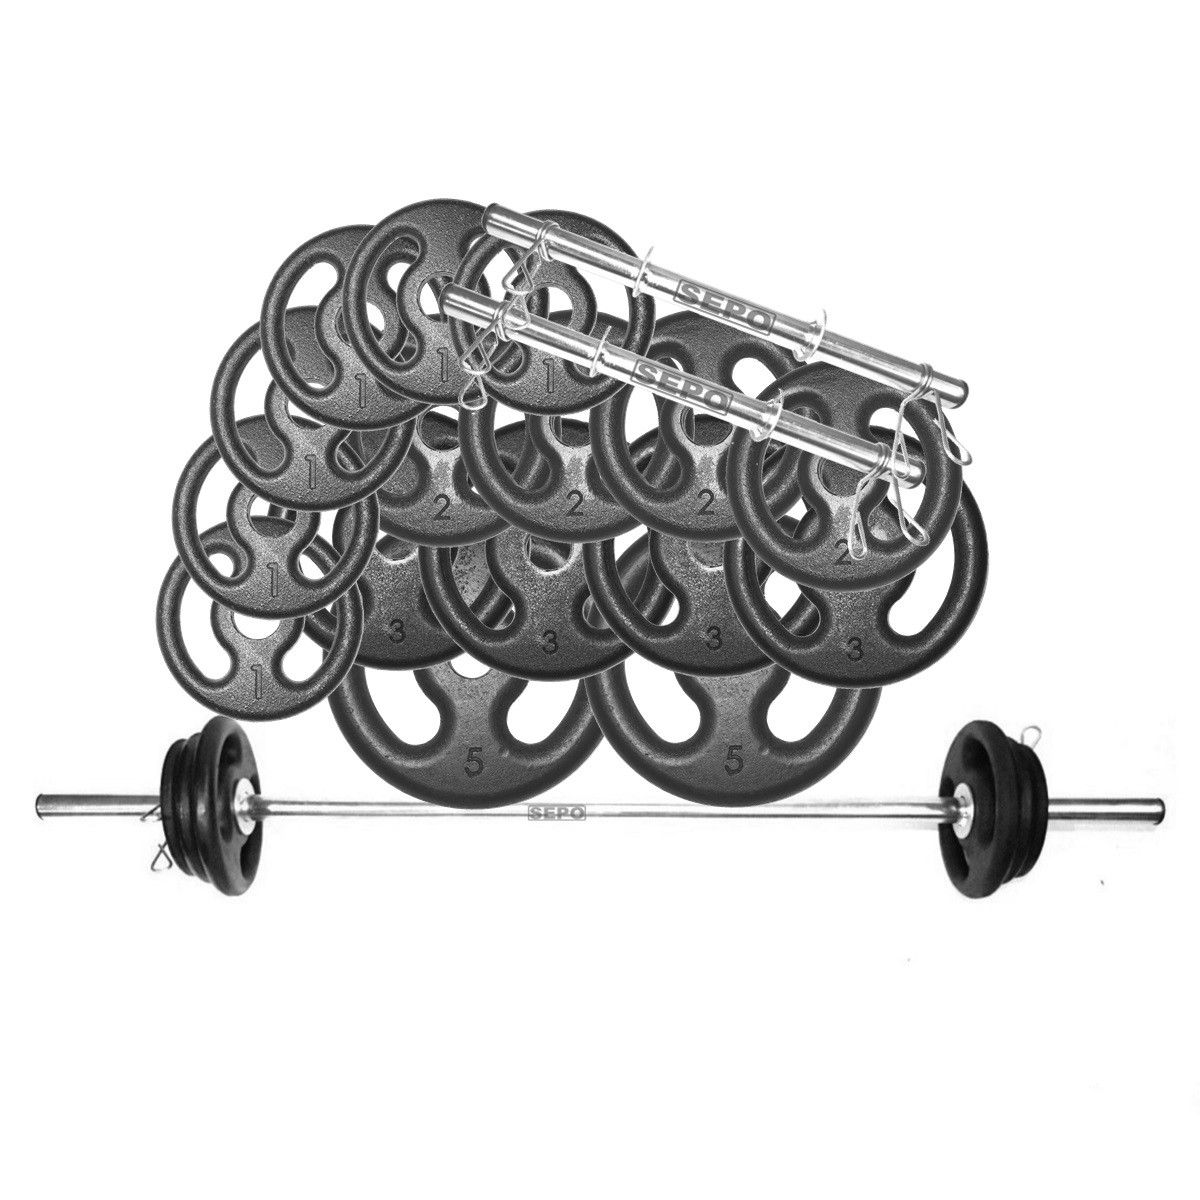 Kit Anilhas e Barras Musculação com Presilhas 36 Kg  - Loja Portal